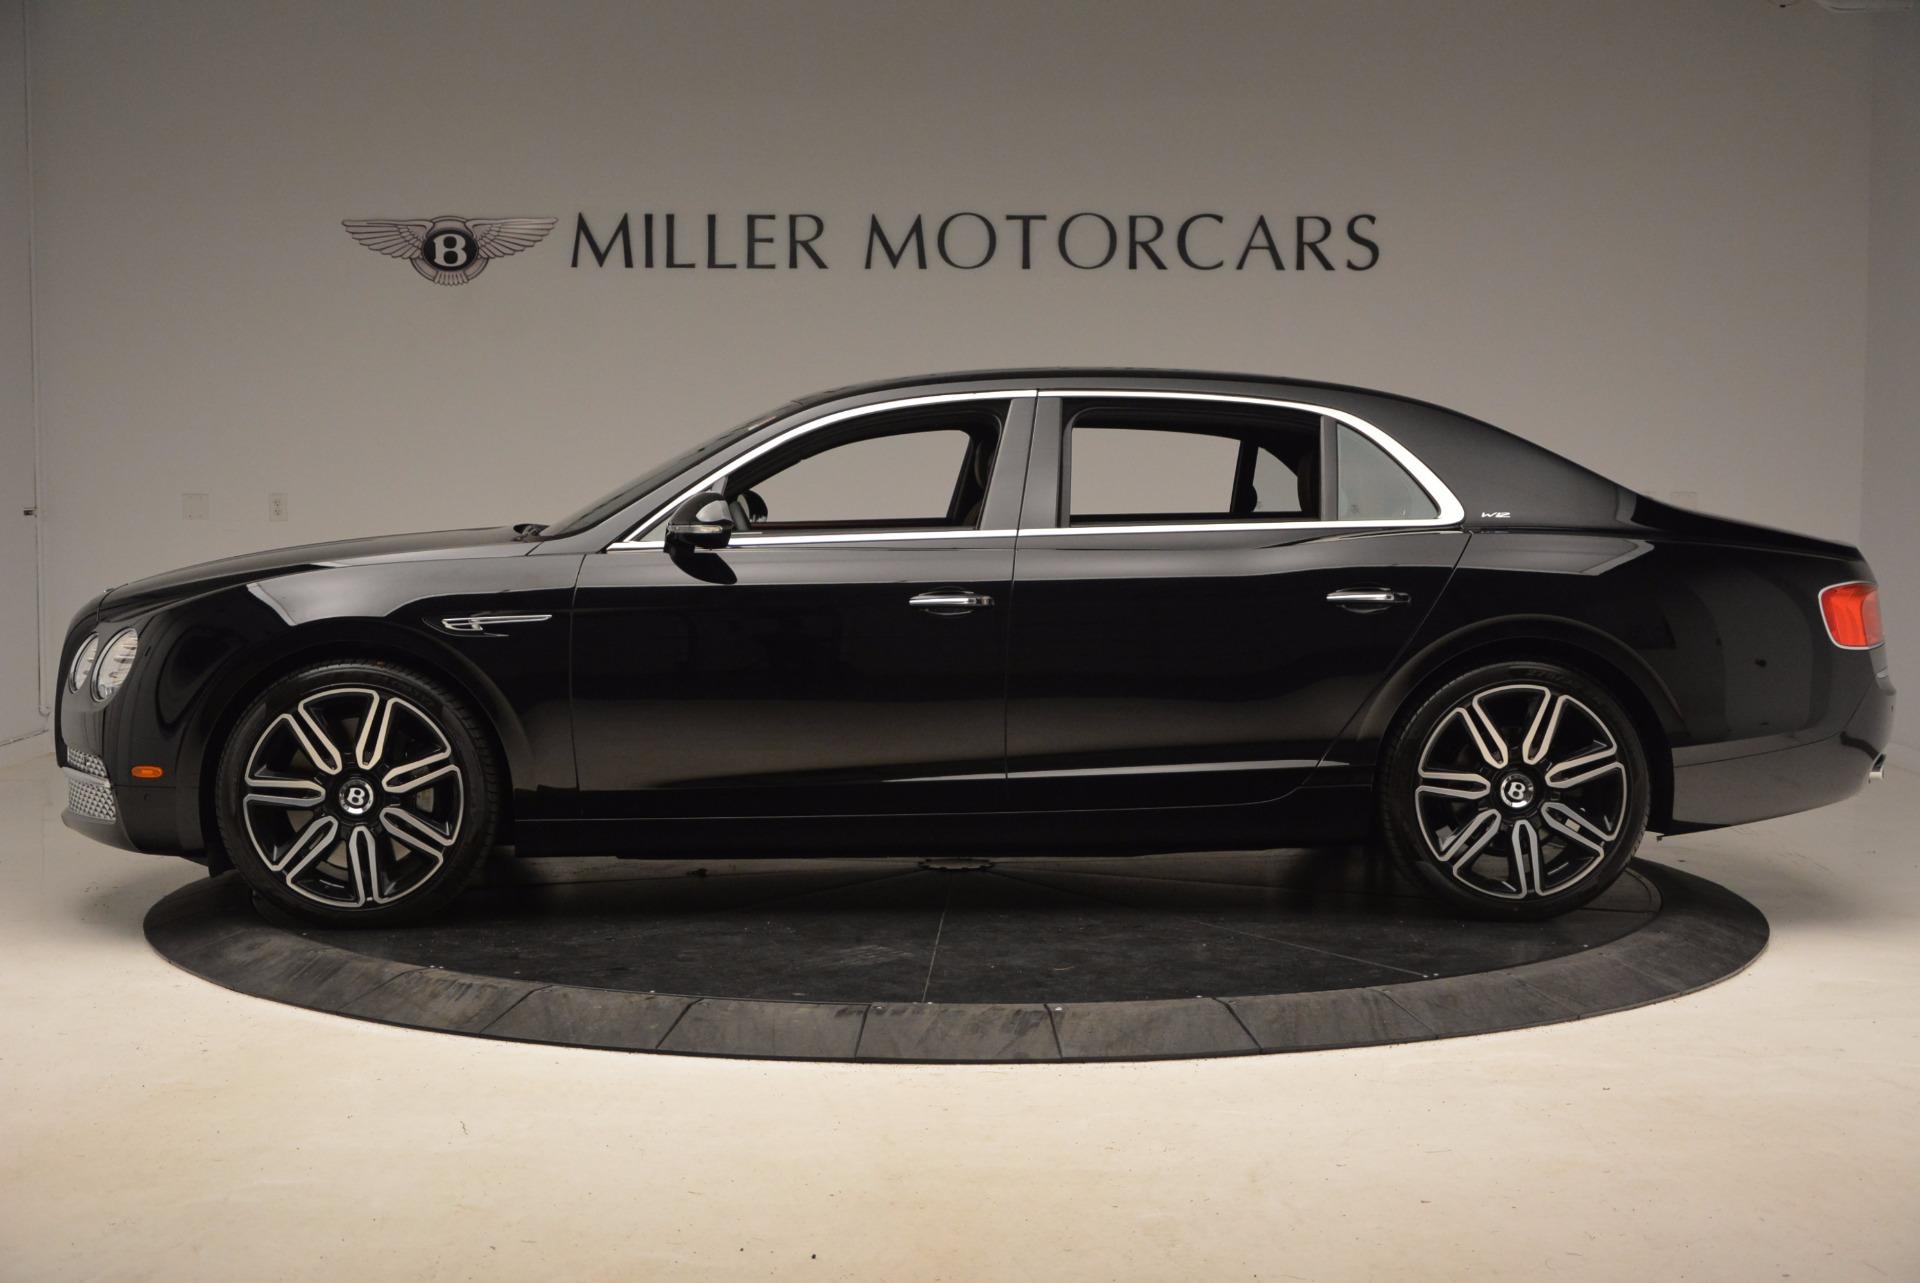 New 2017 Bentley Flying Spur W12 For Sale In Westport, CT 1616_p3